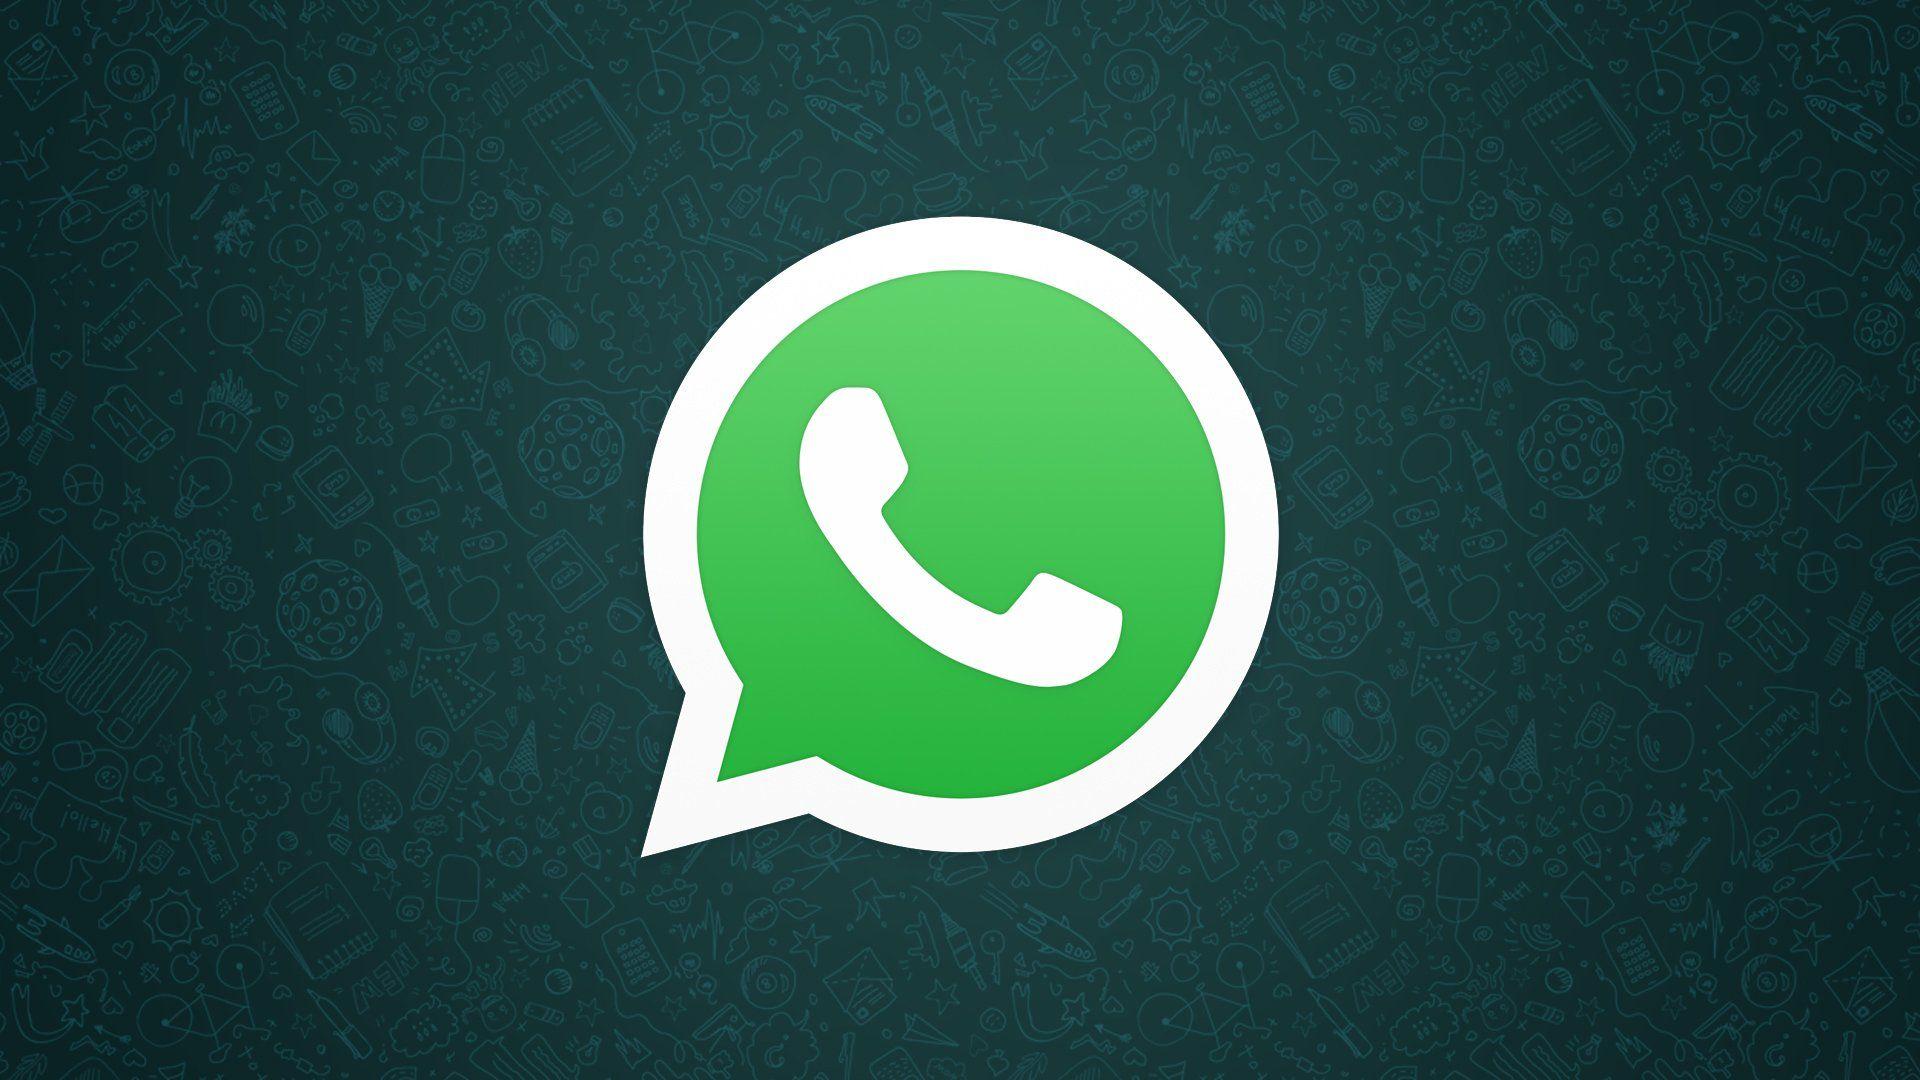 WhatsApp gratis a bordo, la nueva tendencia que crece